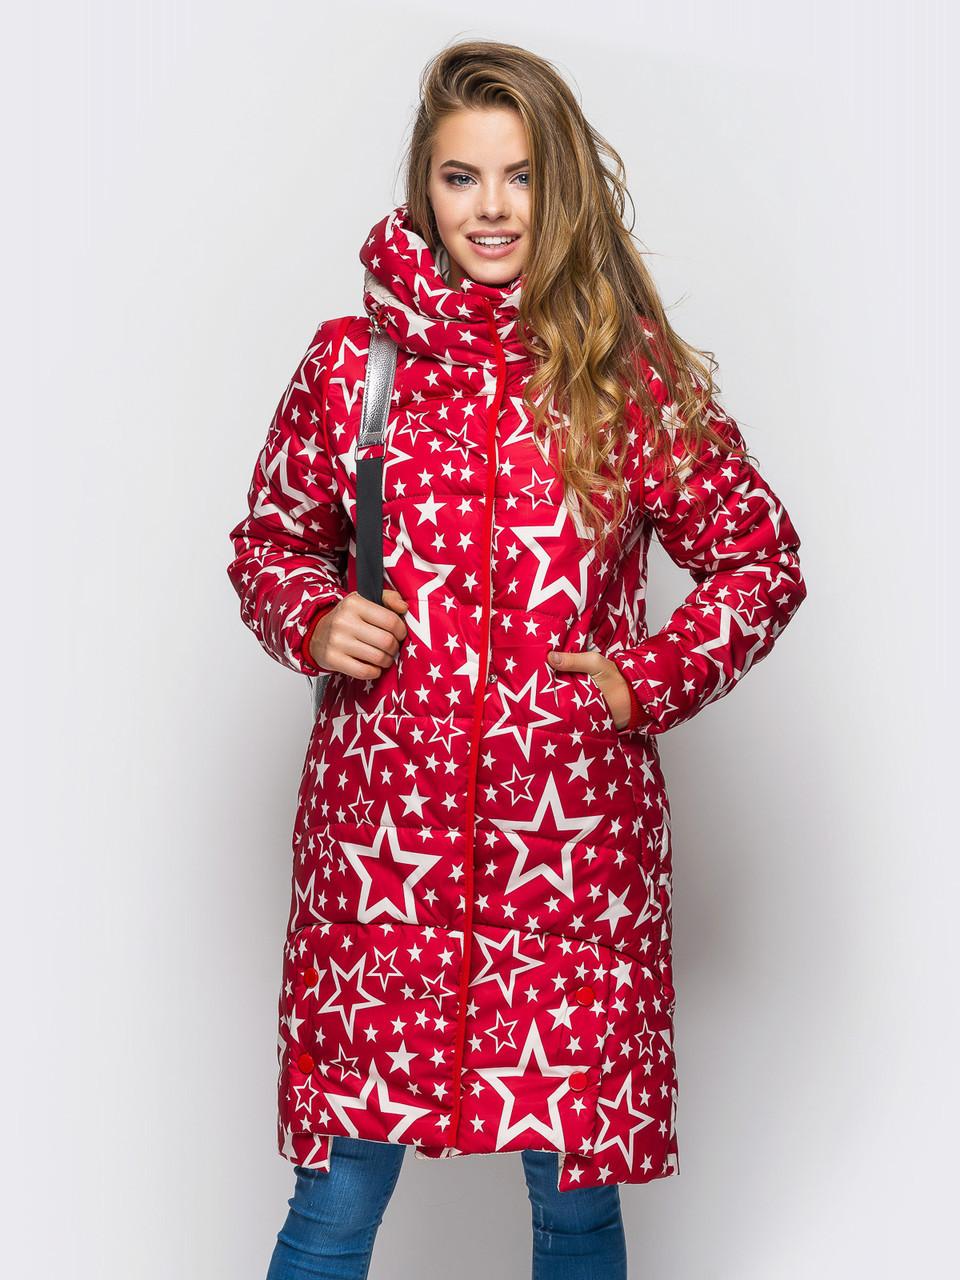 Модная длинная зимняя женская куртка-1 со звездами на силиконе